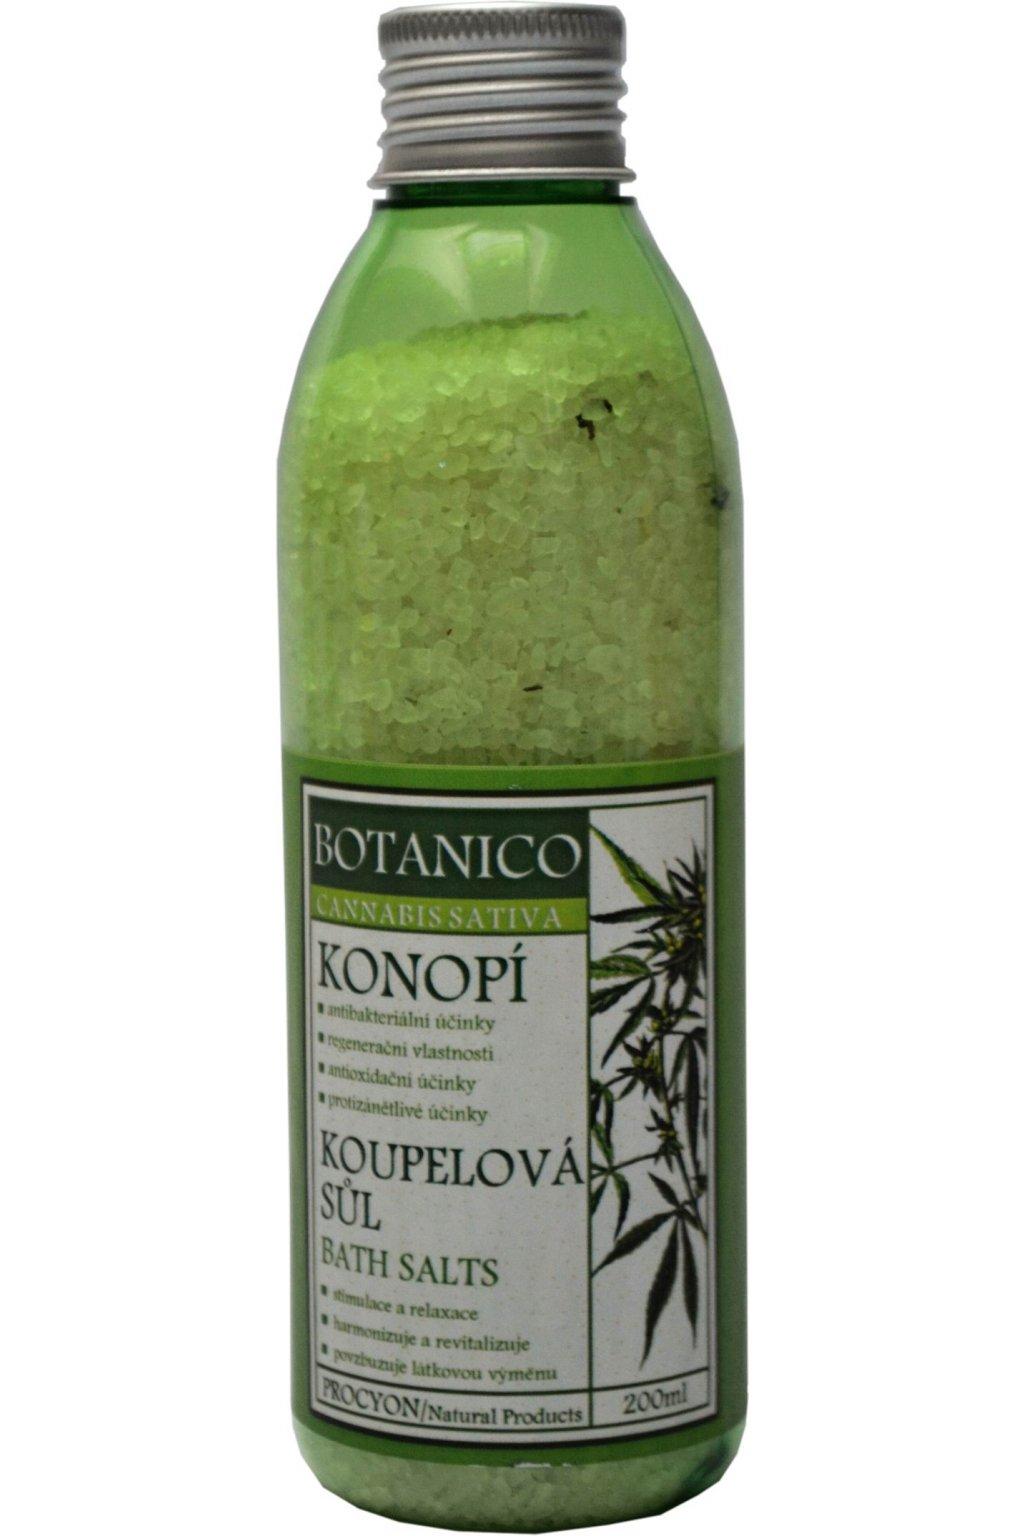 Botanico koupelová sůl s bylinkami Konopí 200 ml